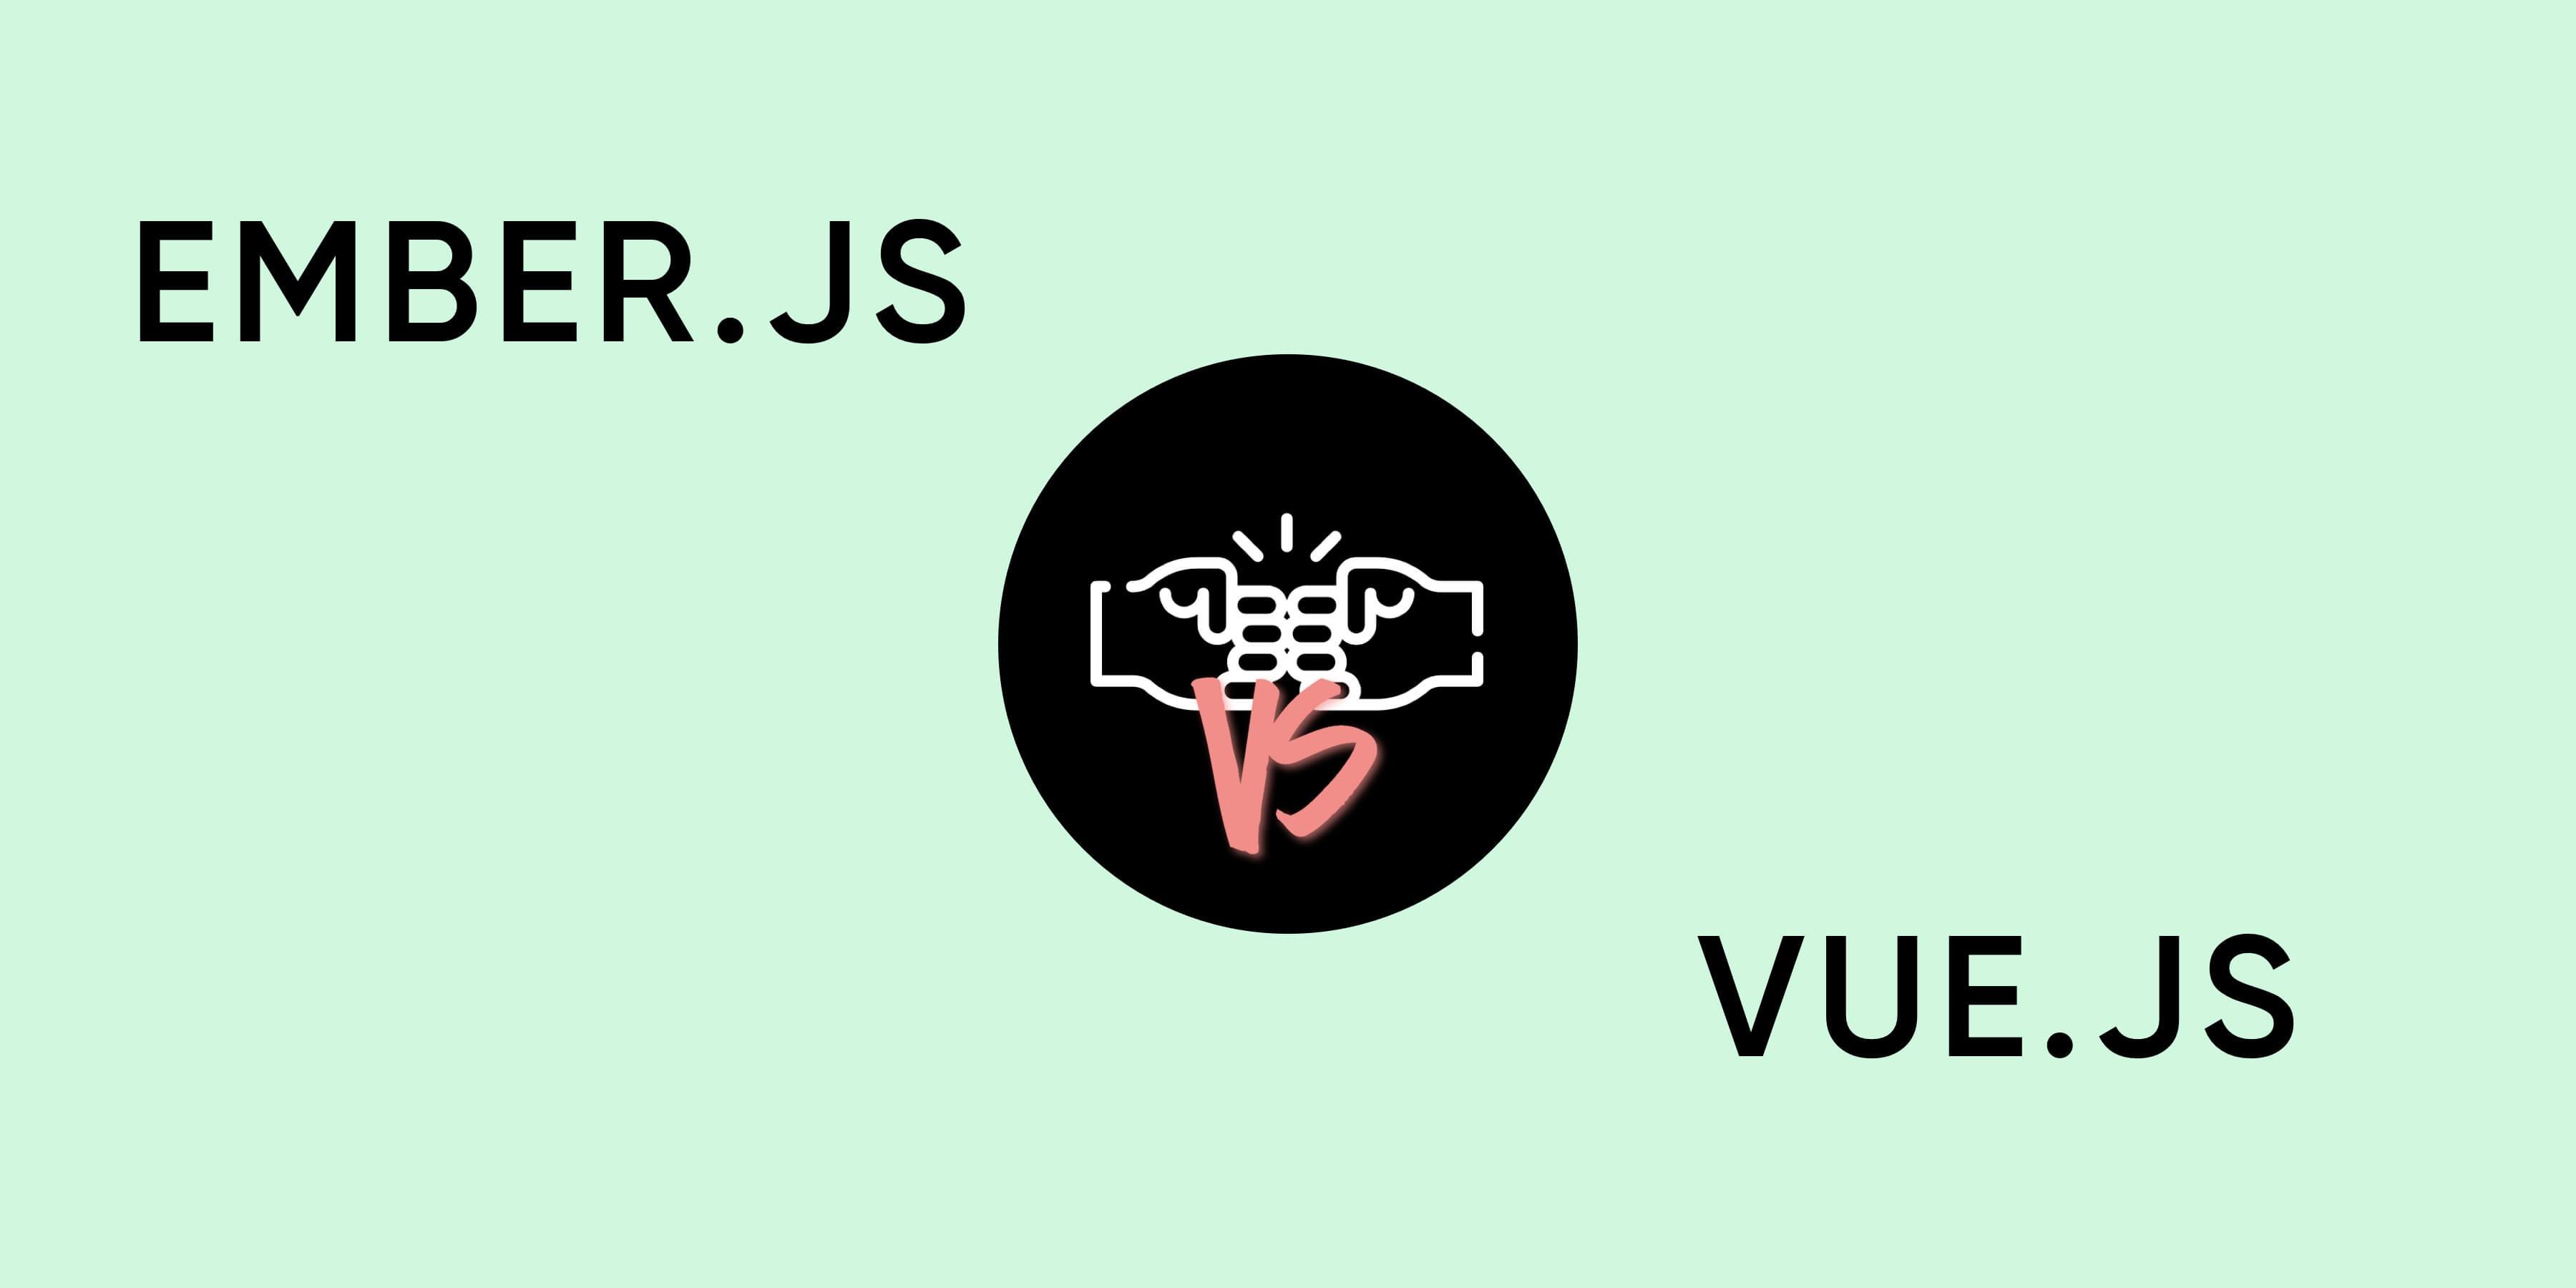 Ember.js. vs Vue.js